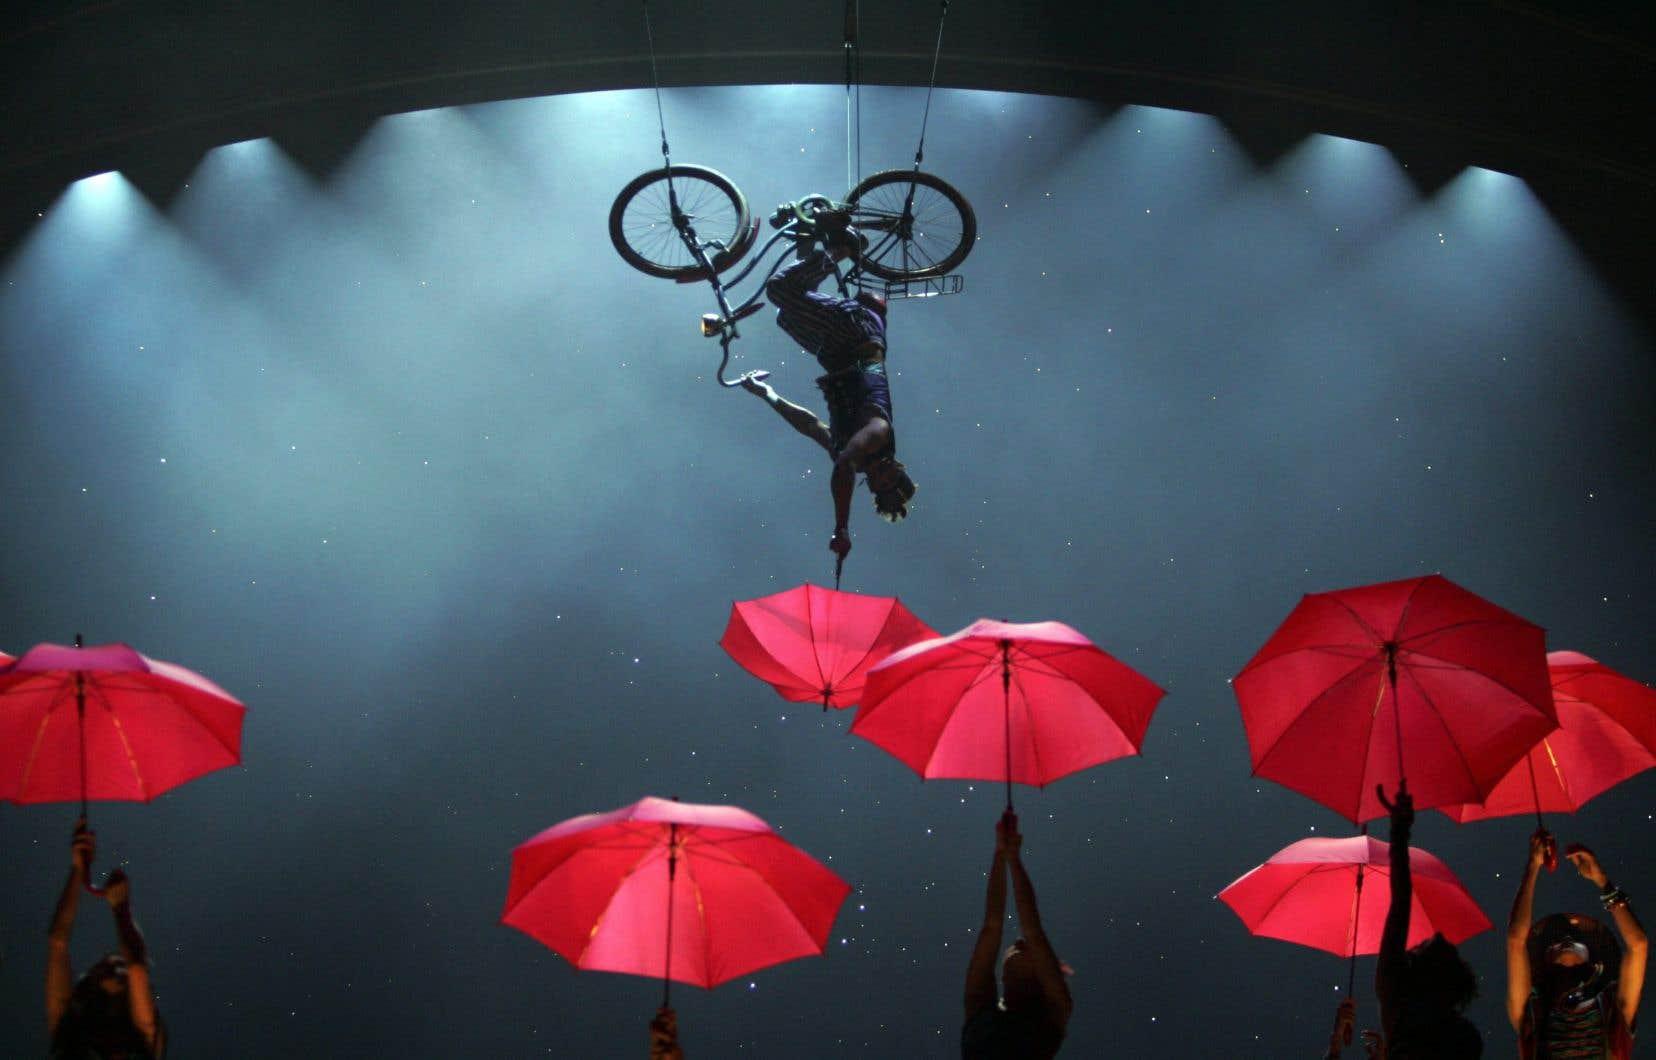 Le Cirque du Soleil a affirmé jeudi par communiqué que toutes les représentations étaient annulées afin d'«assurer la sécurité de ses spectateurs et de ses employés».